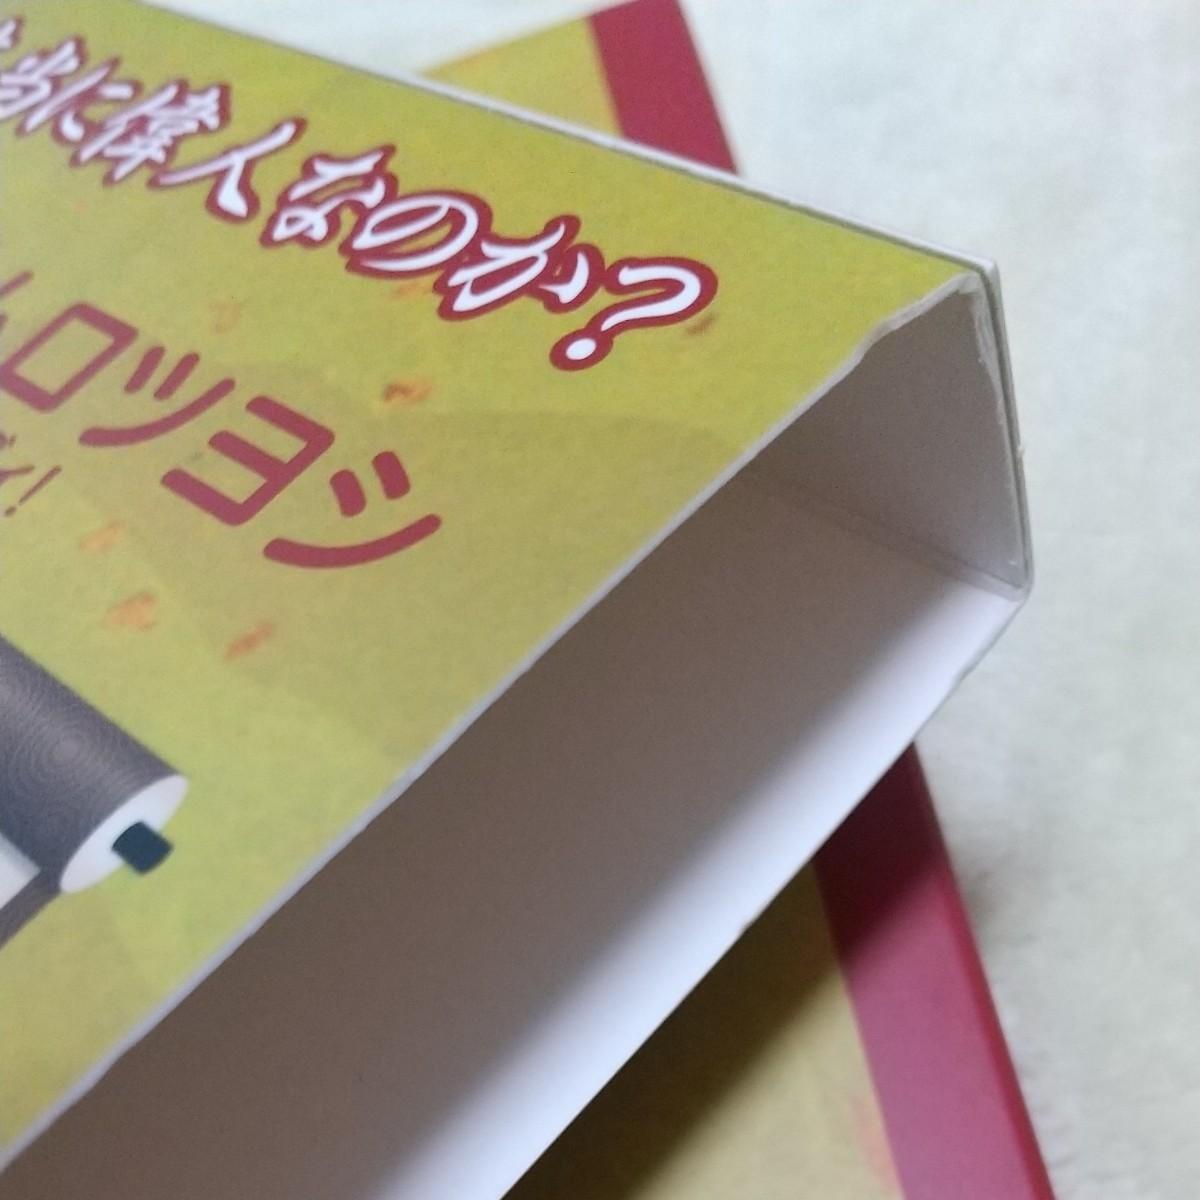 ドラマ新解釈日本史 [LoppiHMV限定] DVDBOX